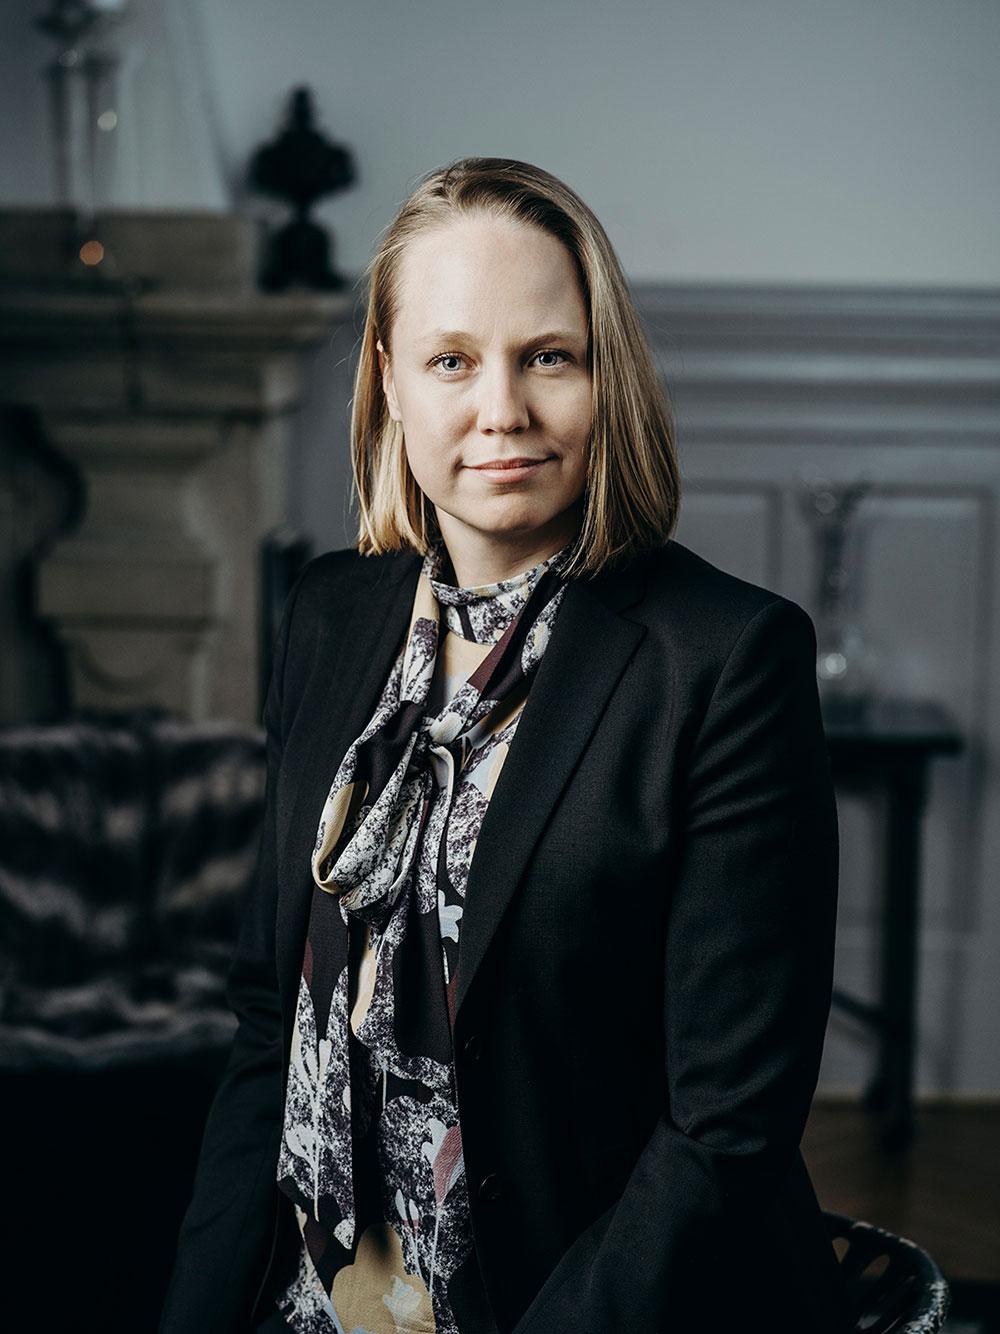 Hanna Stadig